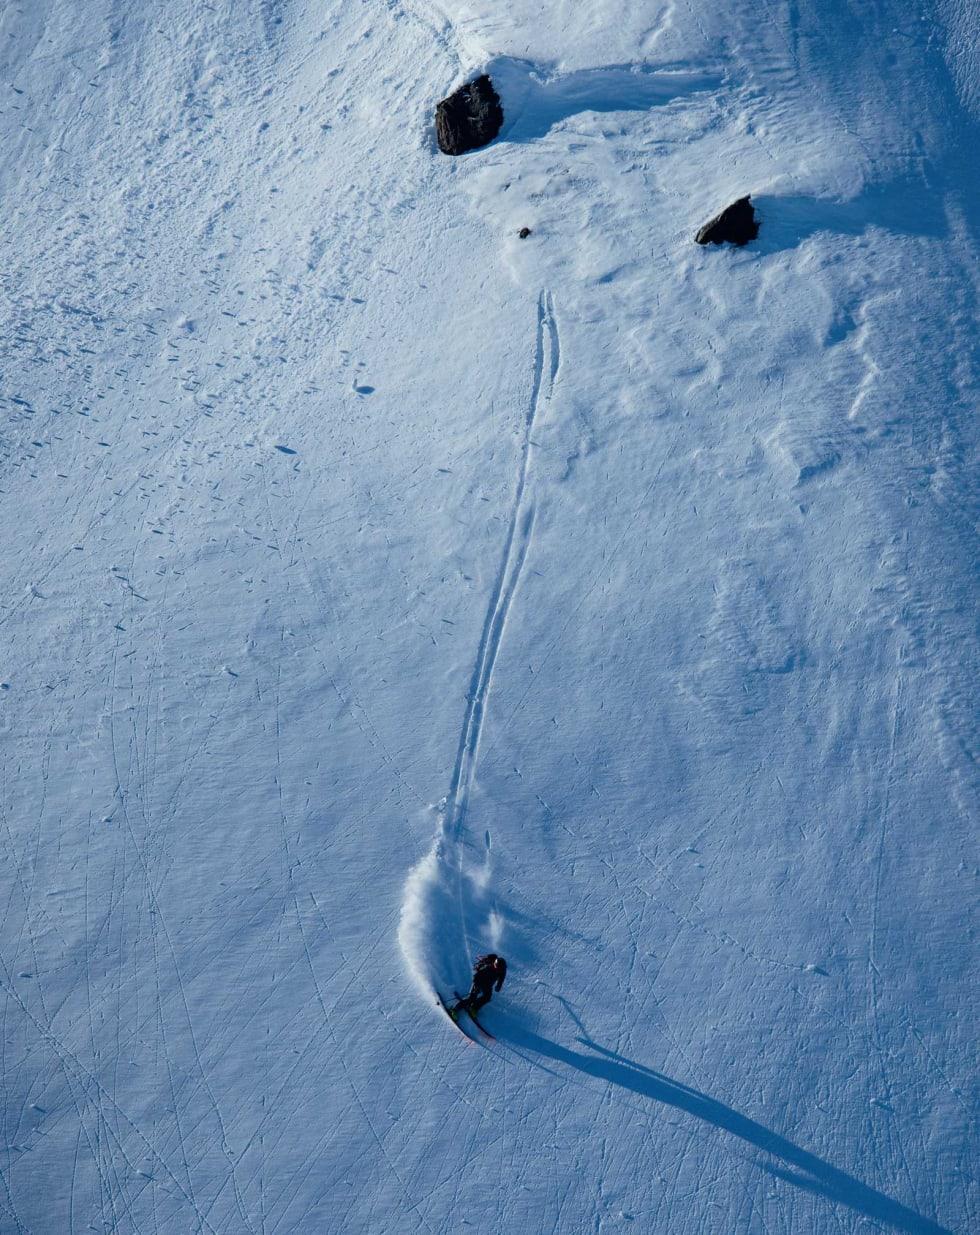 IN NATURA: Det er kjekt å byggje hopp, men det er alltid kjekkare å sleppe. Sondre køyrer ut av ramma. Foto: Anki Grøthe